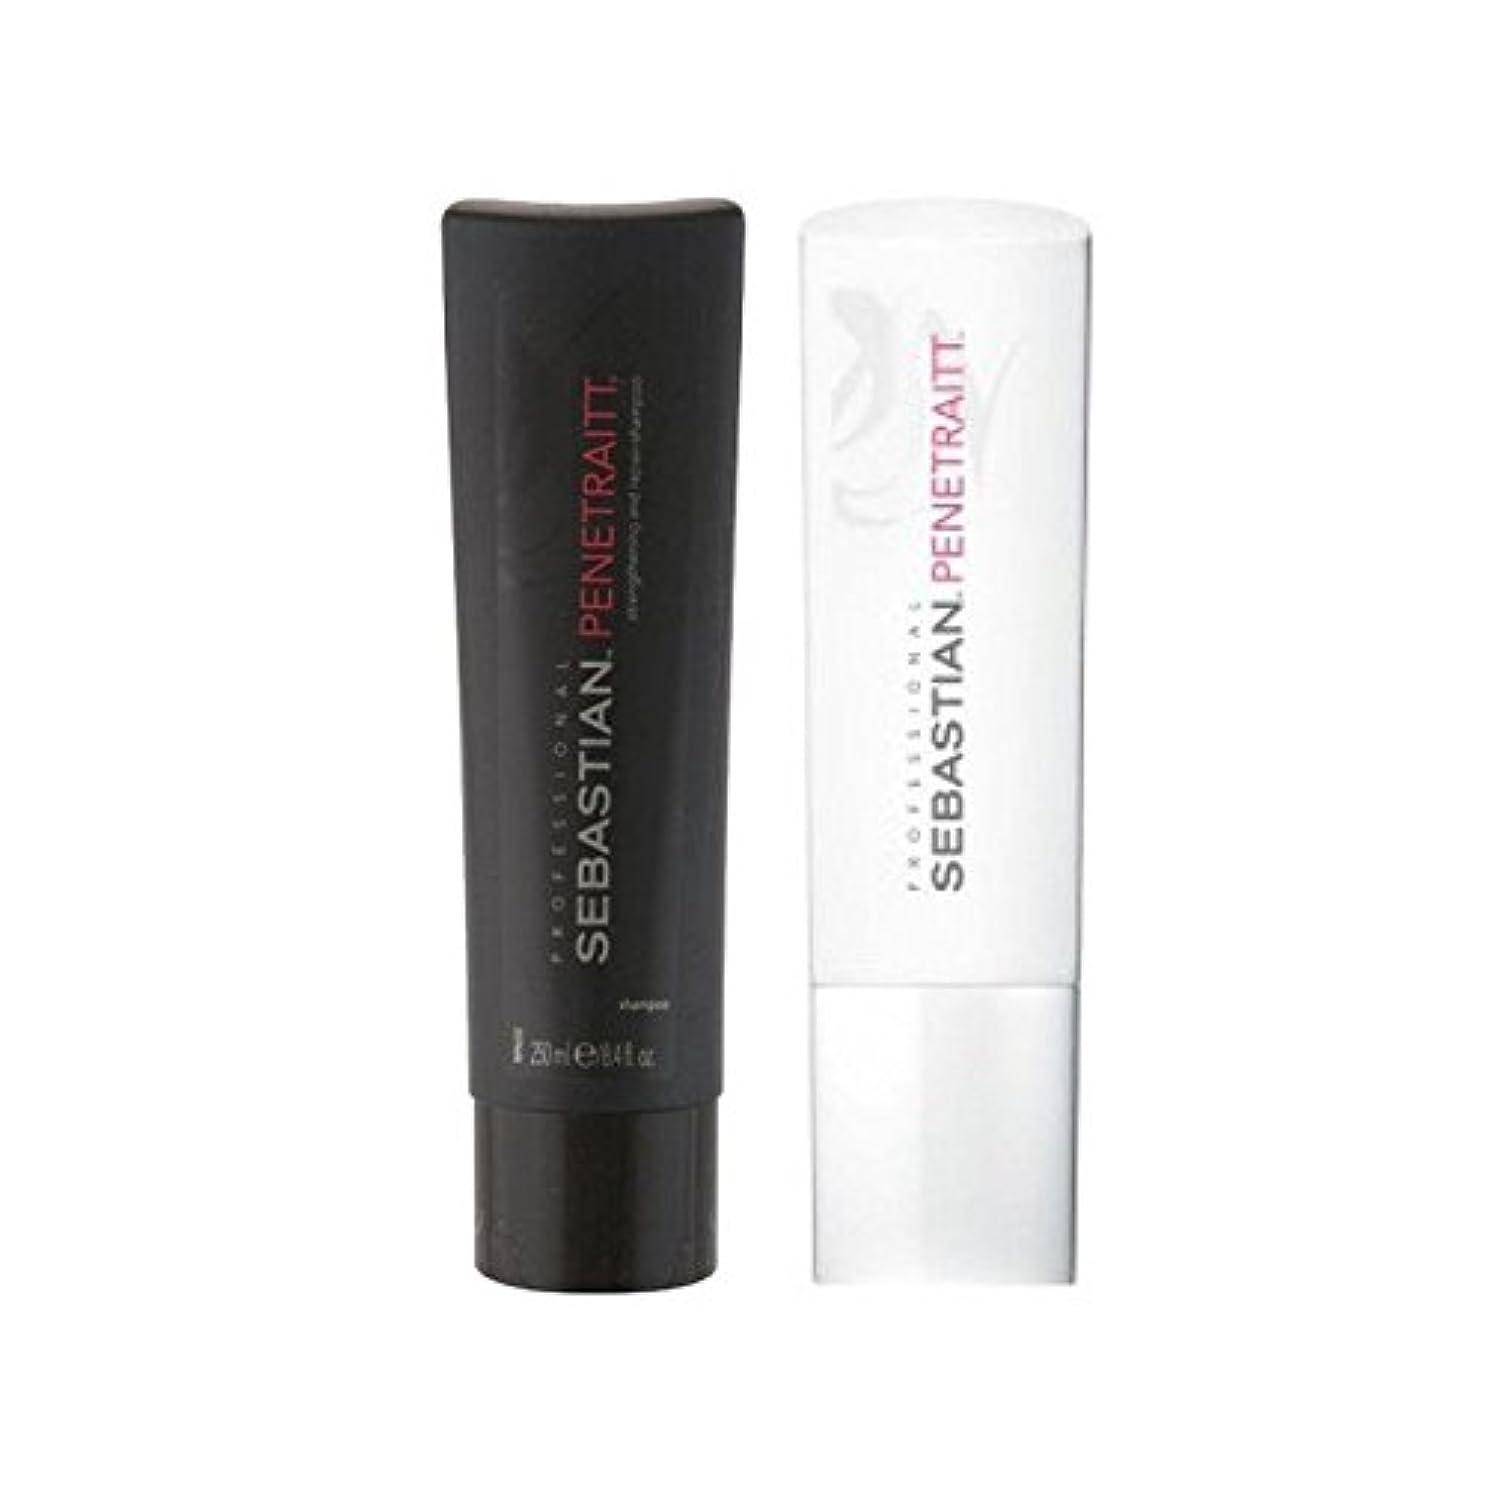 ほかにキャビン虎Sebastian Professional Penetraitt Duo - Shampoo & Conditioner - セバスチャンプロデュオ - シャンプー&コンディショナー [並行輸入品]